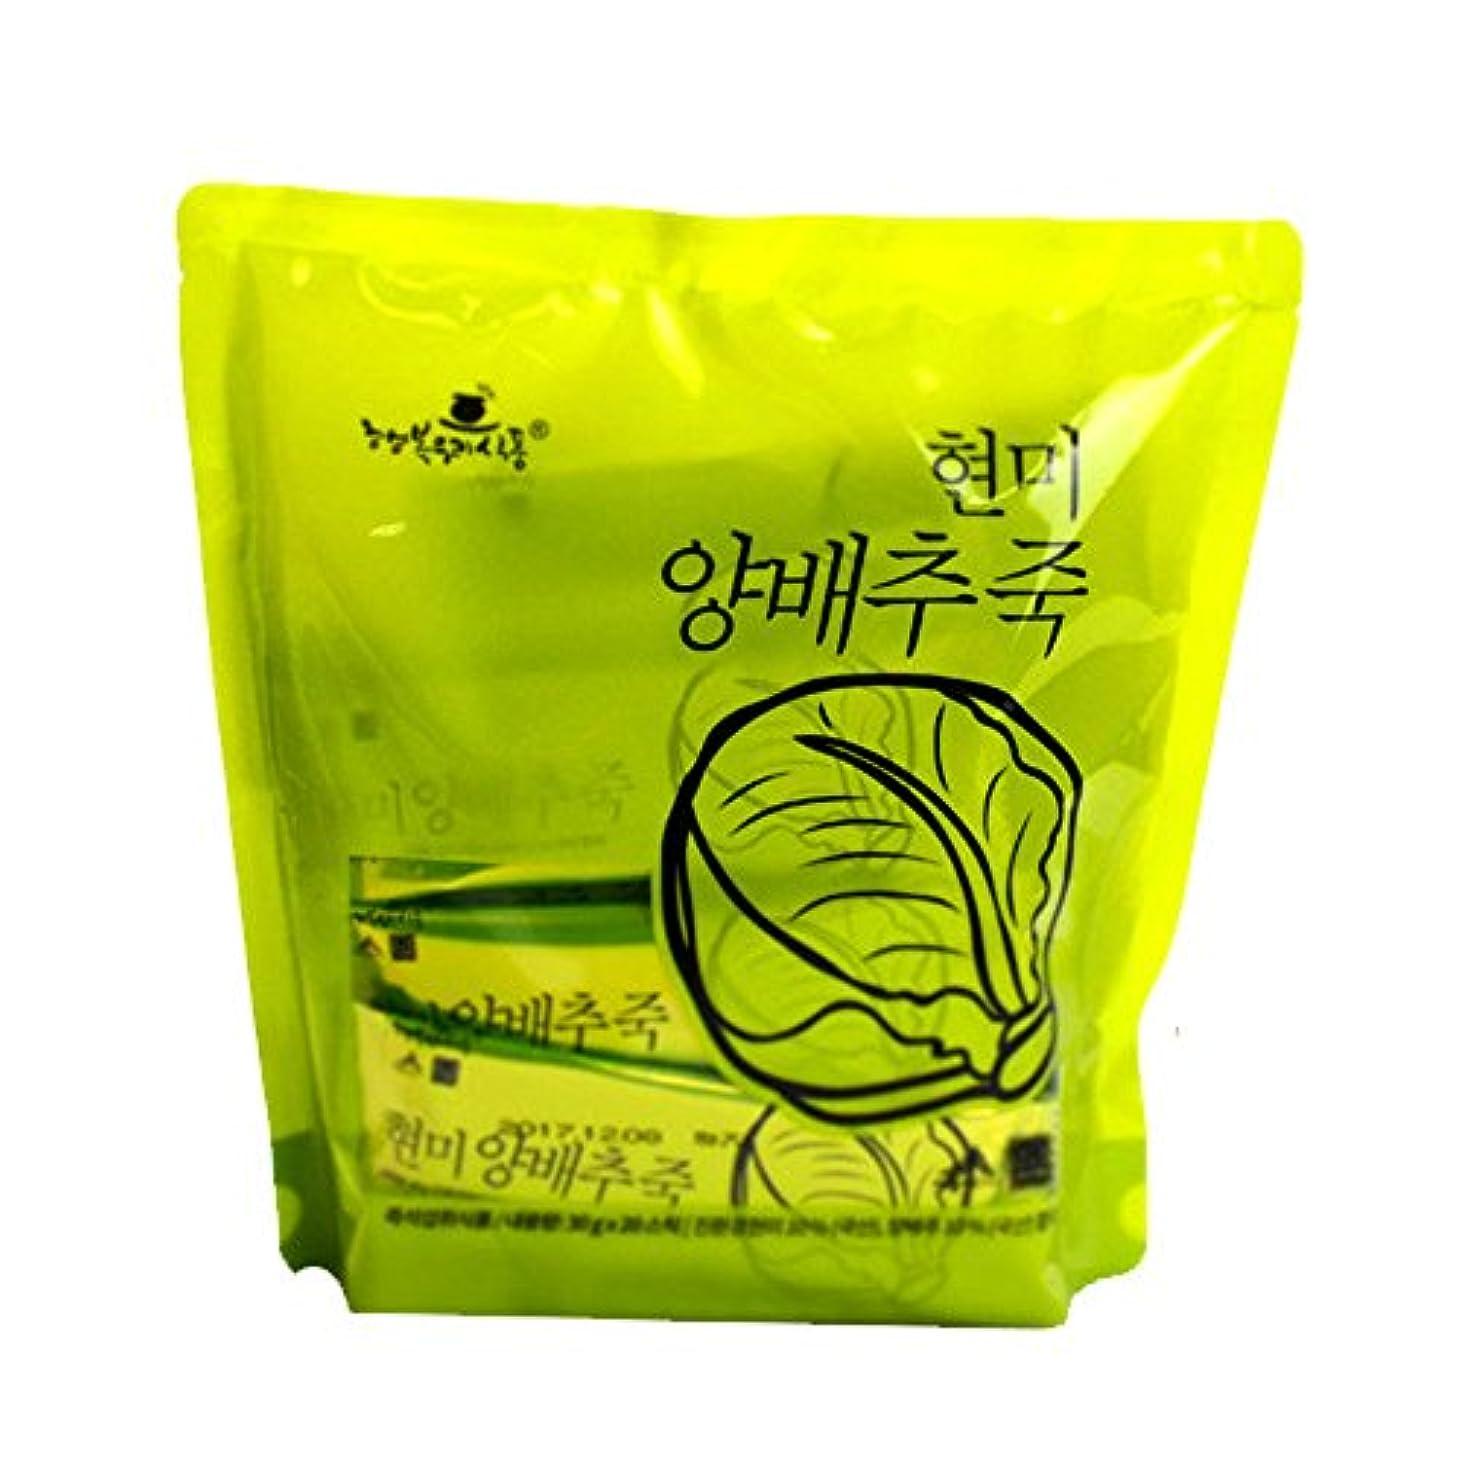 確かな漏れ砂1袋110Kcalのお手軽インスタント韓国粥/玄米白菜粥(30g×20袋)